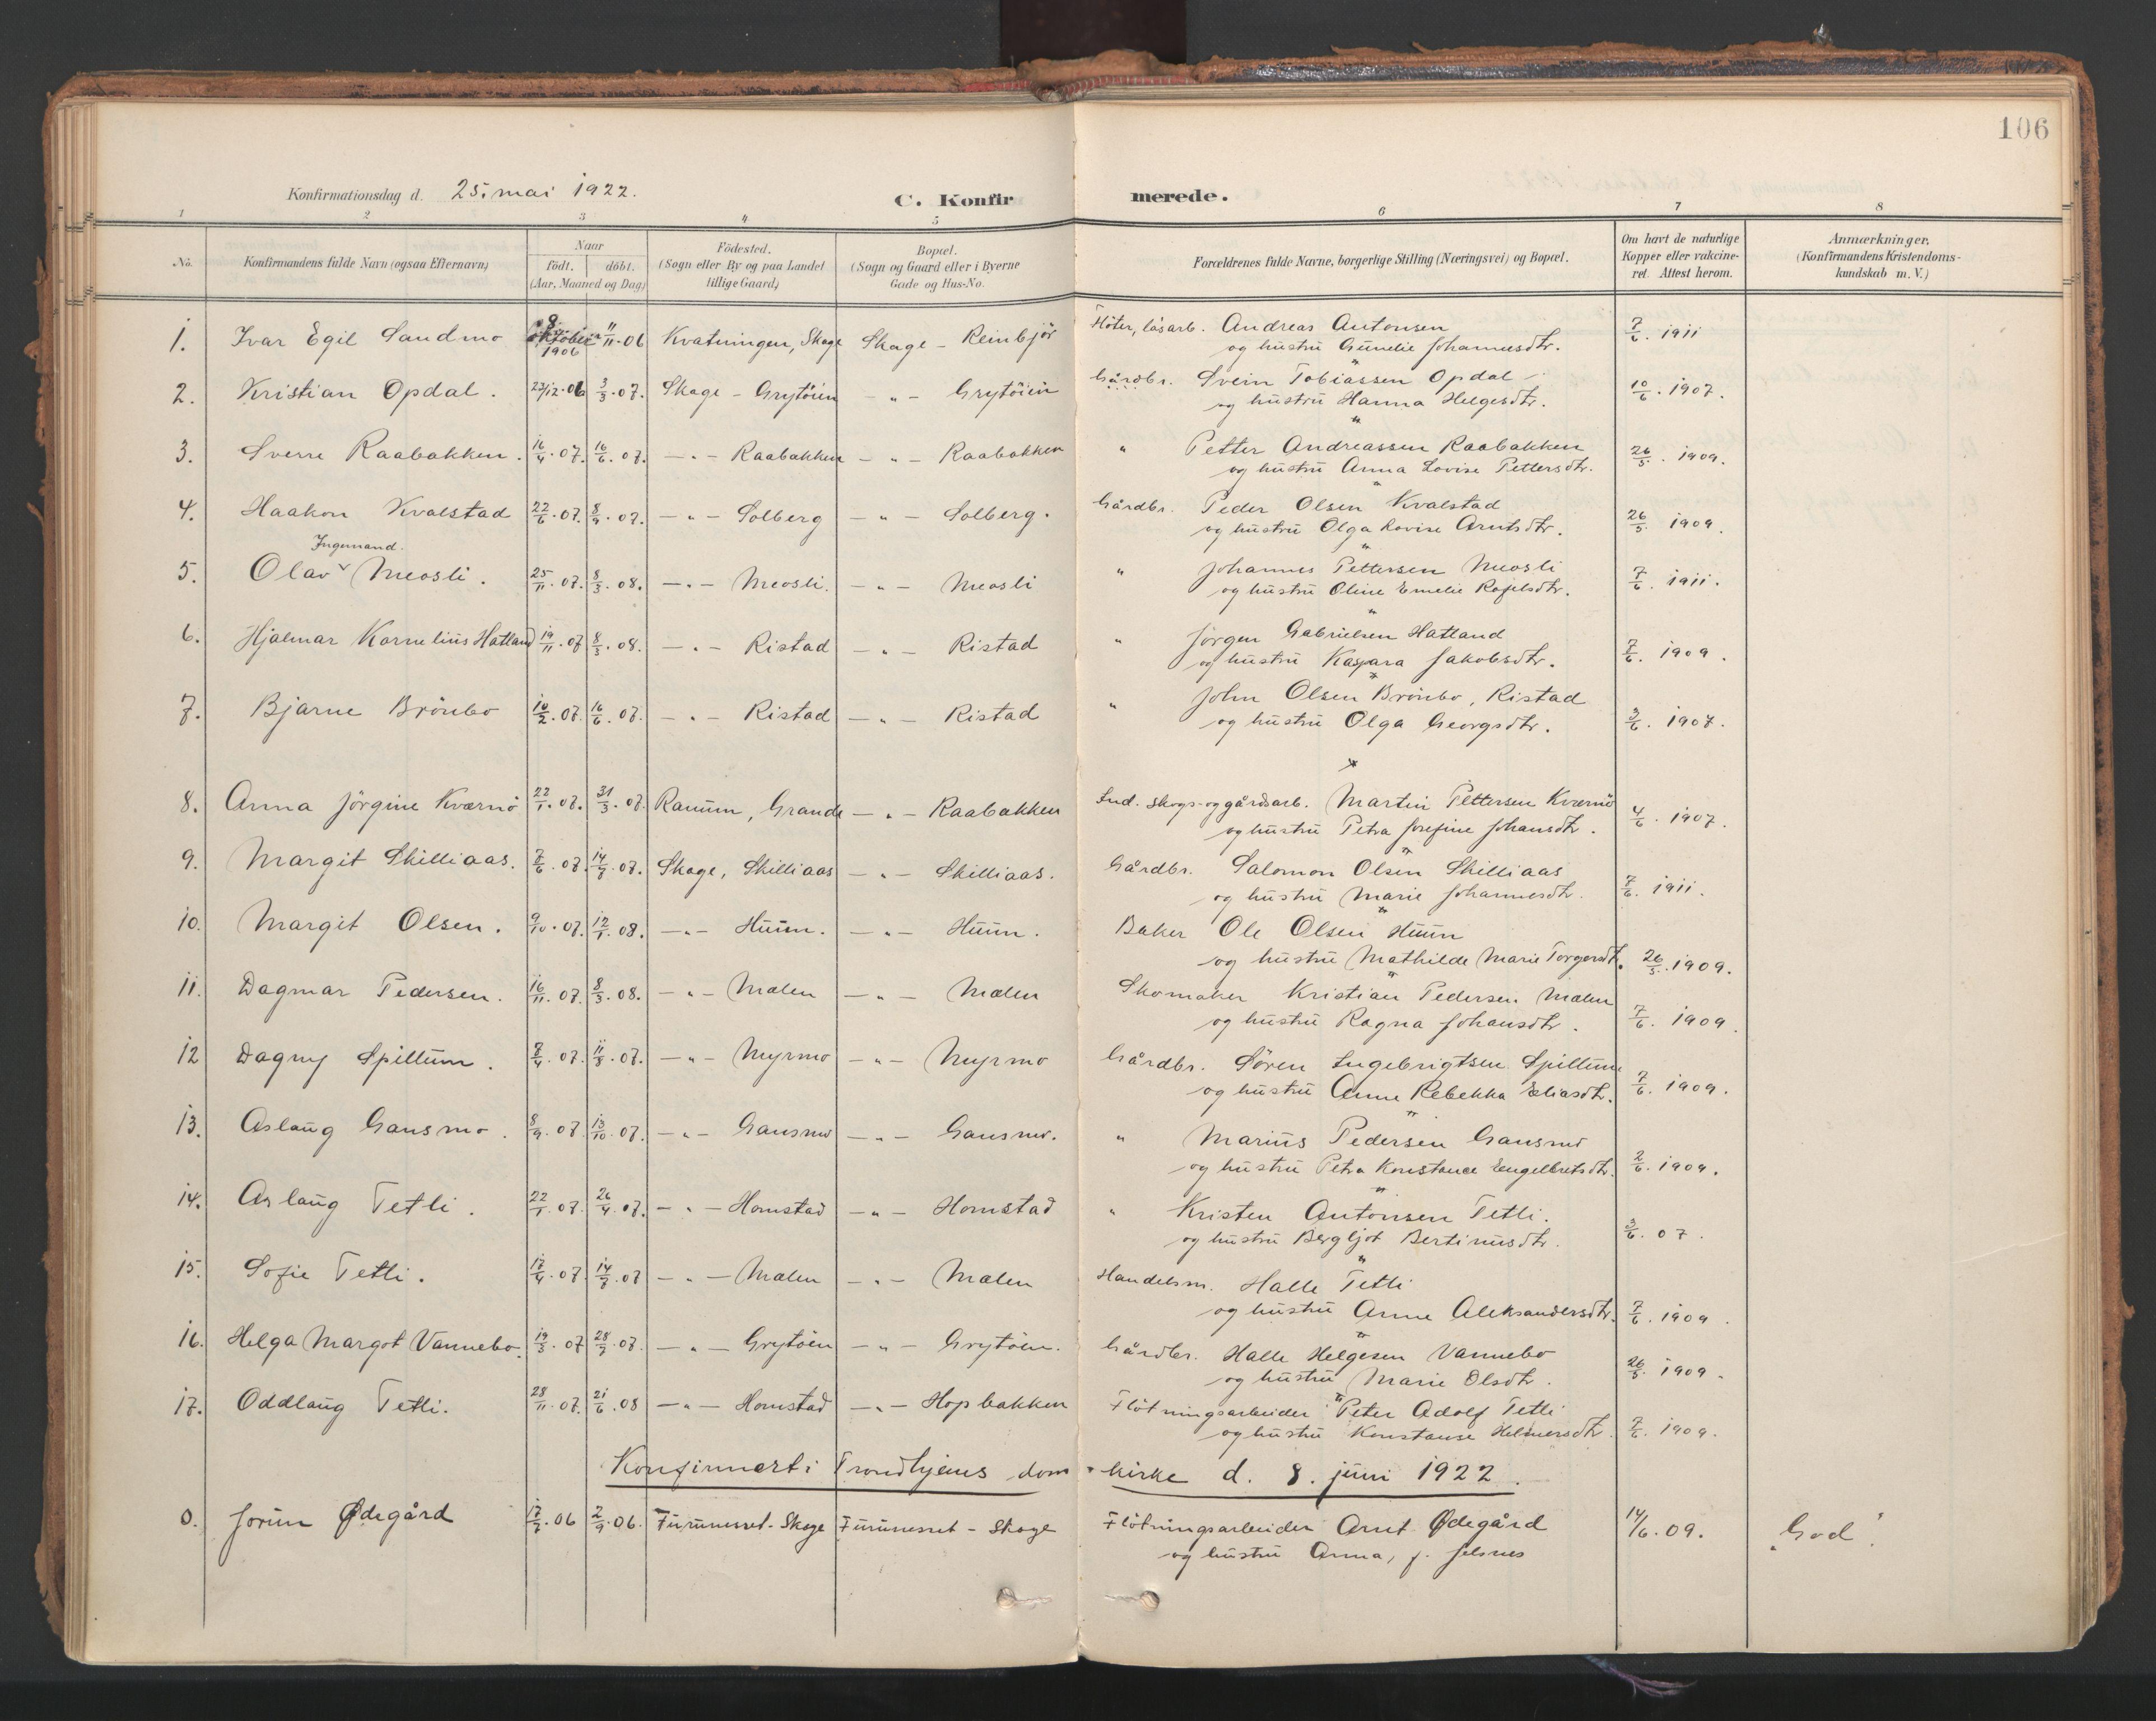 SAT, Ministerialprotokoller, klokkerbøker og fødselsregistre - Nord-Trøndelag, 766/L0564: Ministerialbok nr. 767A02, 1900-1932, s. 106